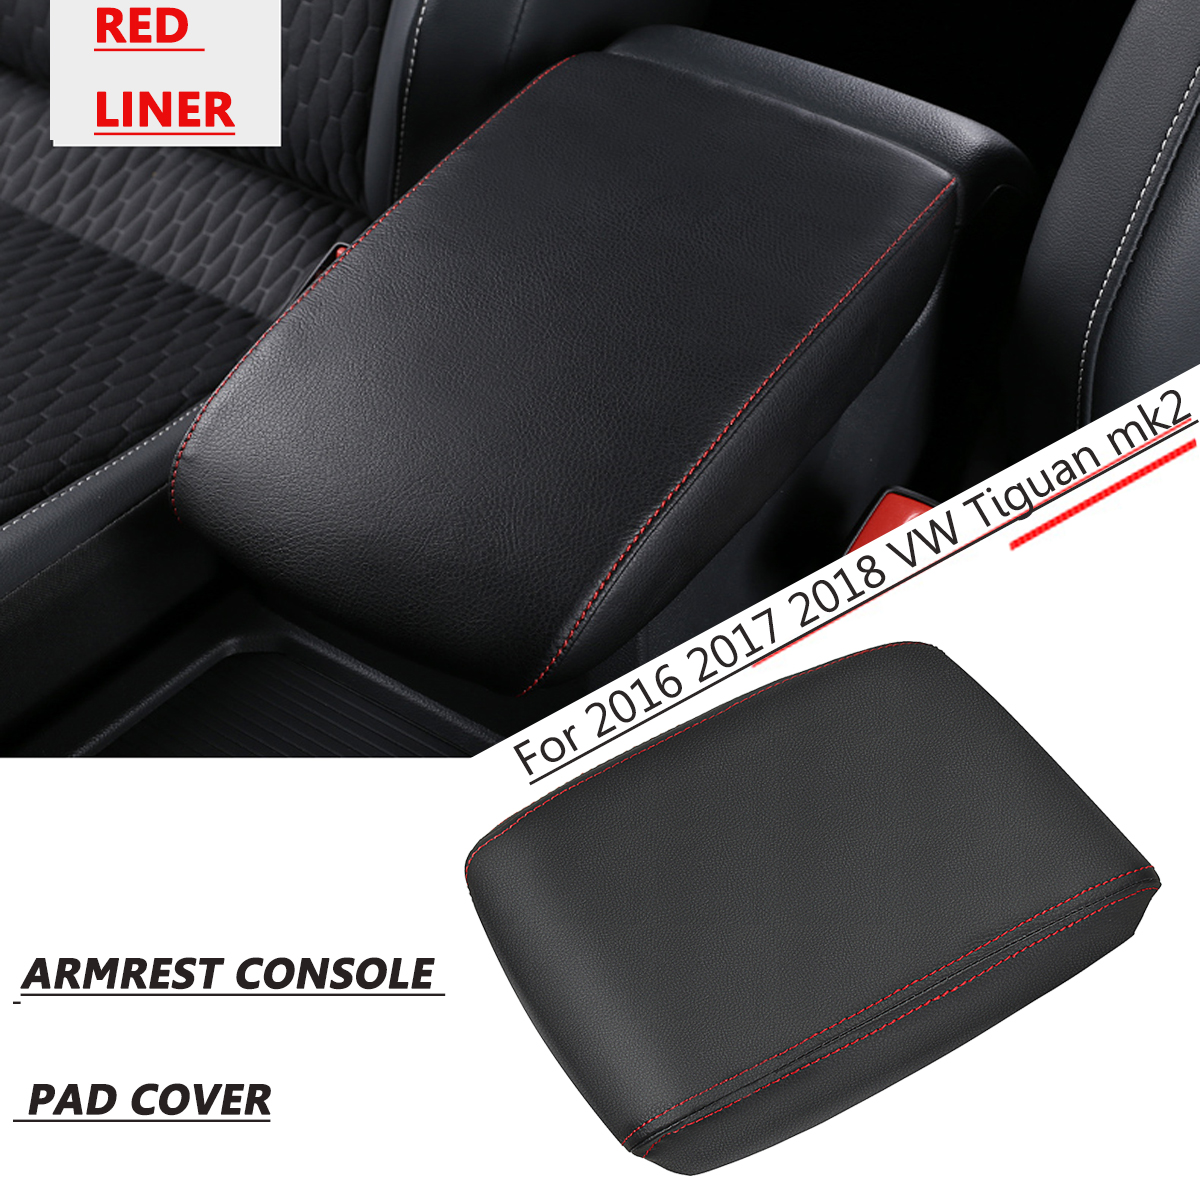 Console Central do carro Caixa de apoio de Braço Do Assento Almofadas Capa PU de Couro para Volkswagen/VW Tiguan MK2 2016 2017 2018 Carro acessórios interiores